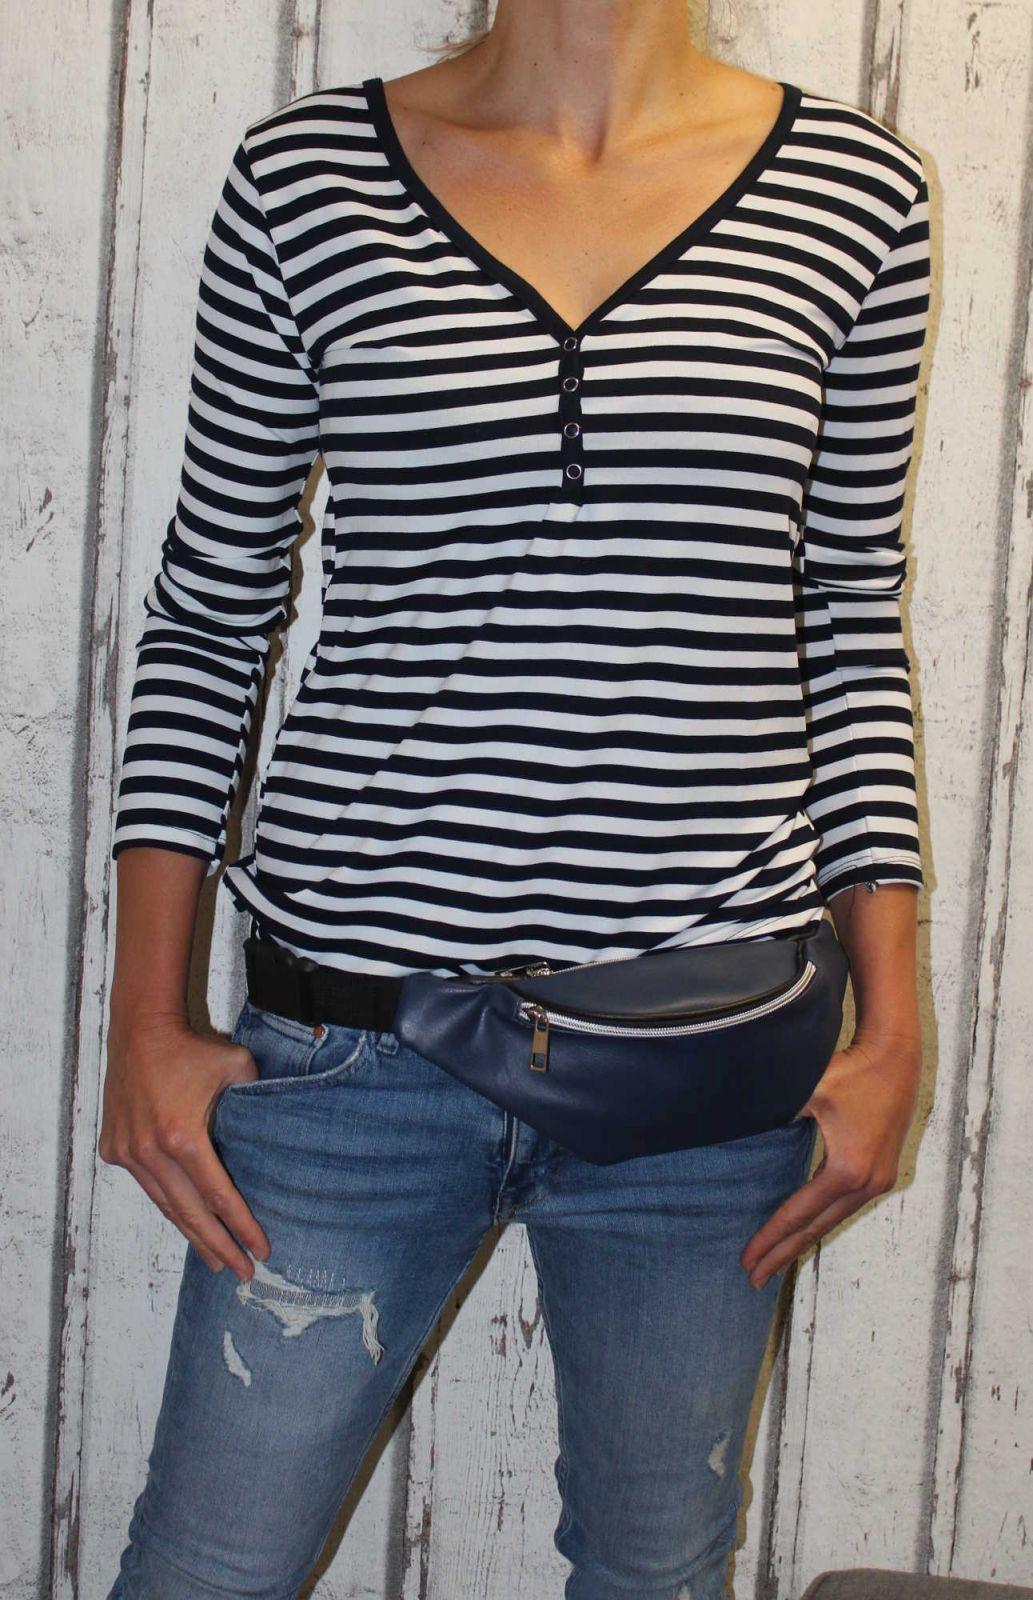 Dámské pruhované tričko volný střih dámská tunika námořnické tričko dámské triko pruhy Italy Moda